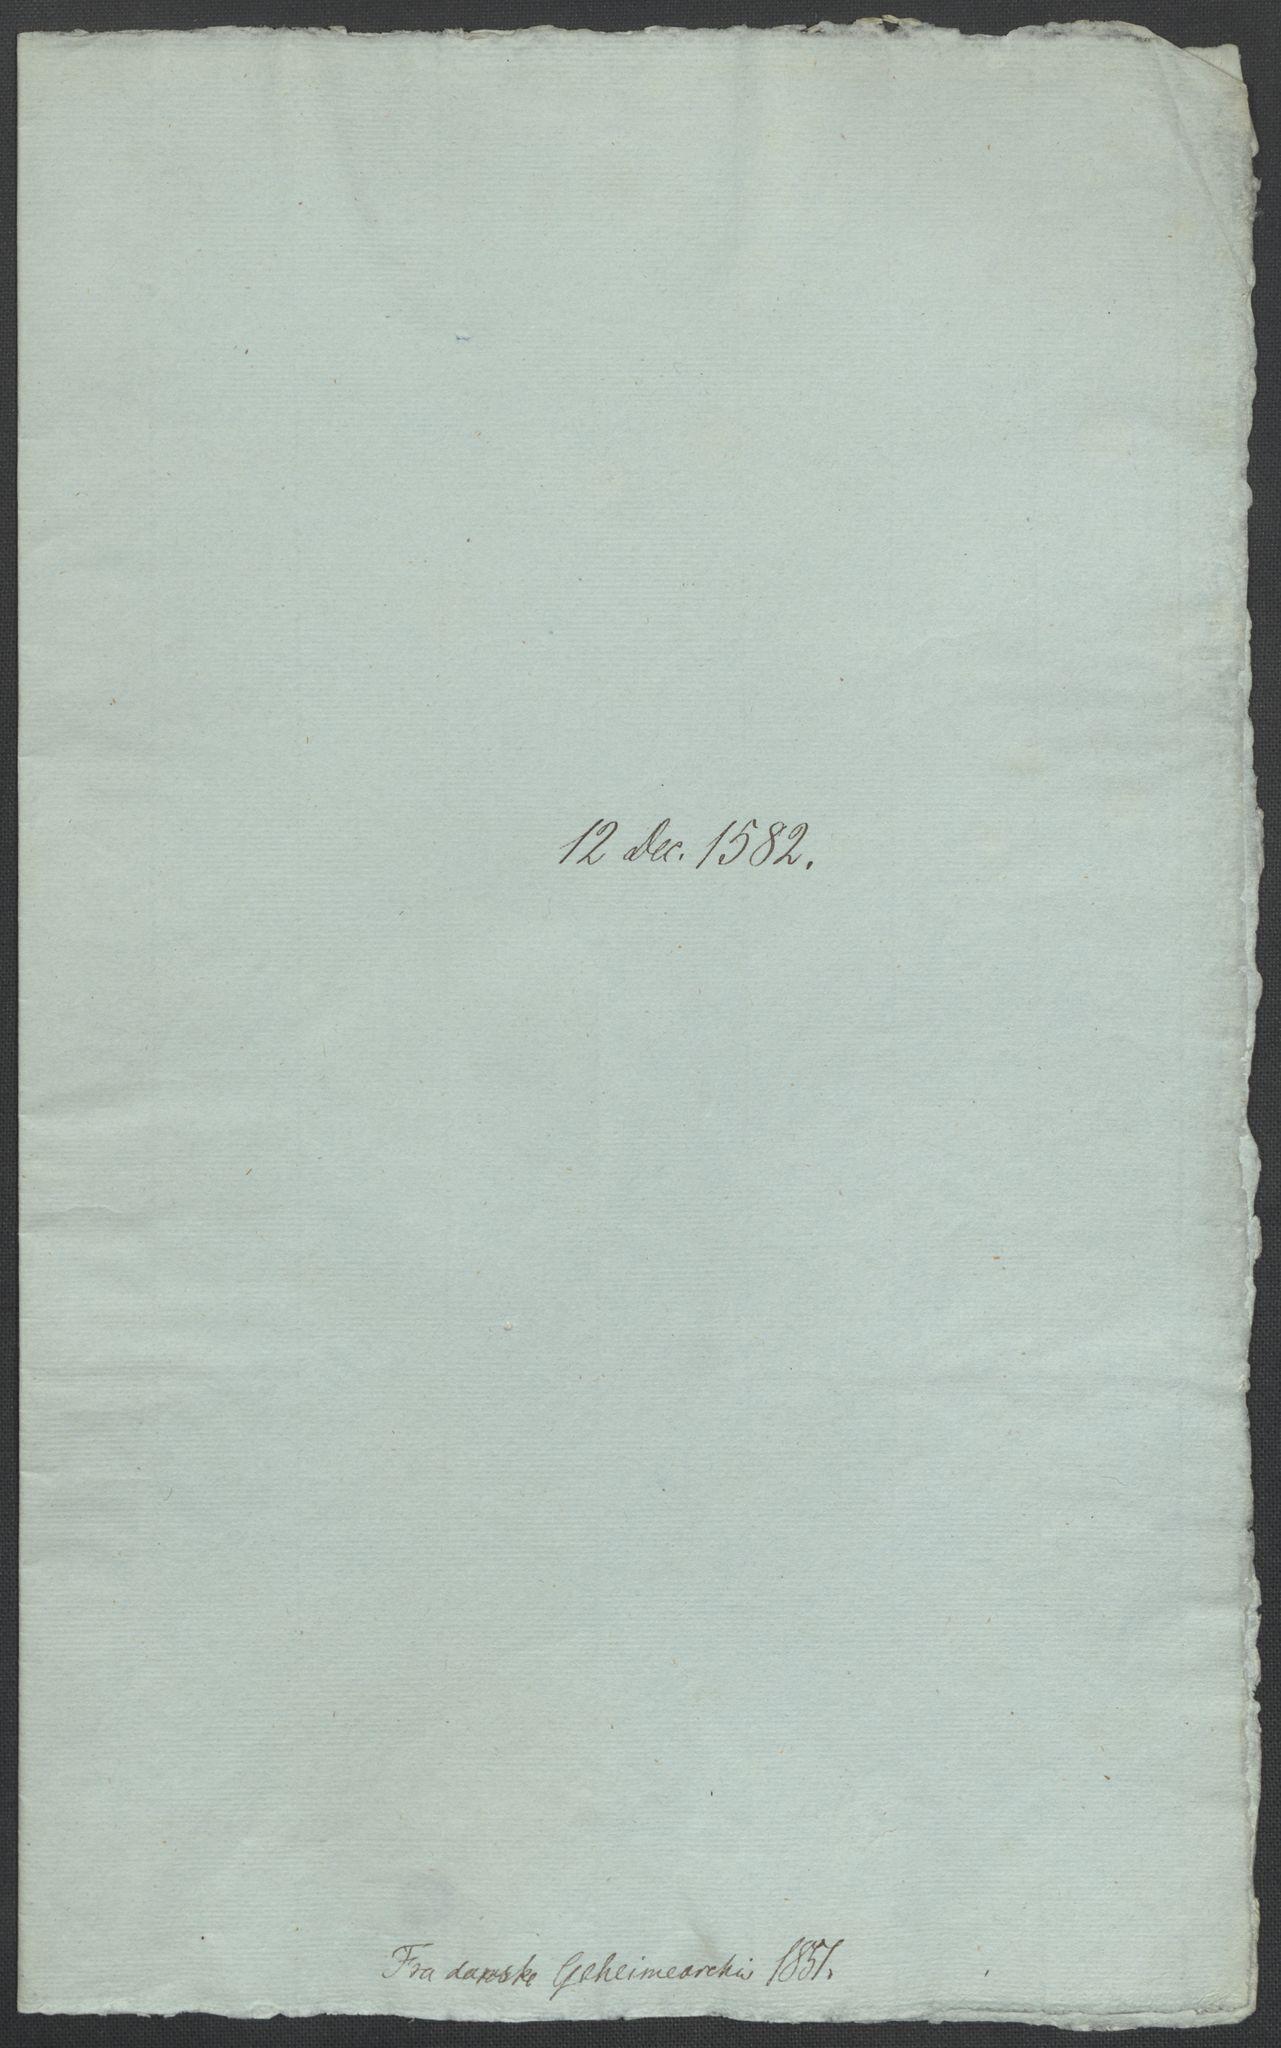 RA, Riksarkivets diplomsamling, F02/L0084: Dokumenter, 1582, s. 54